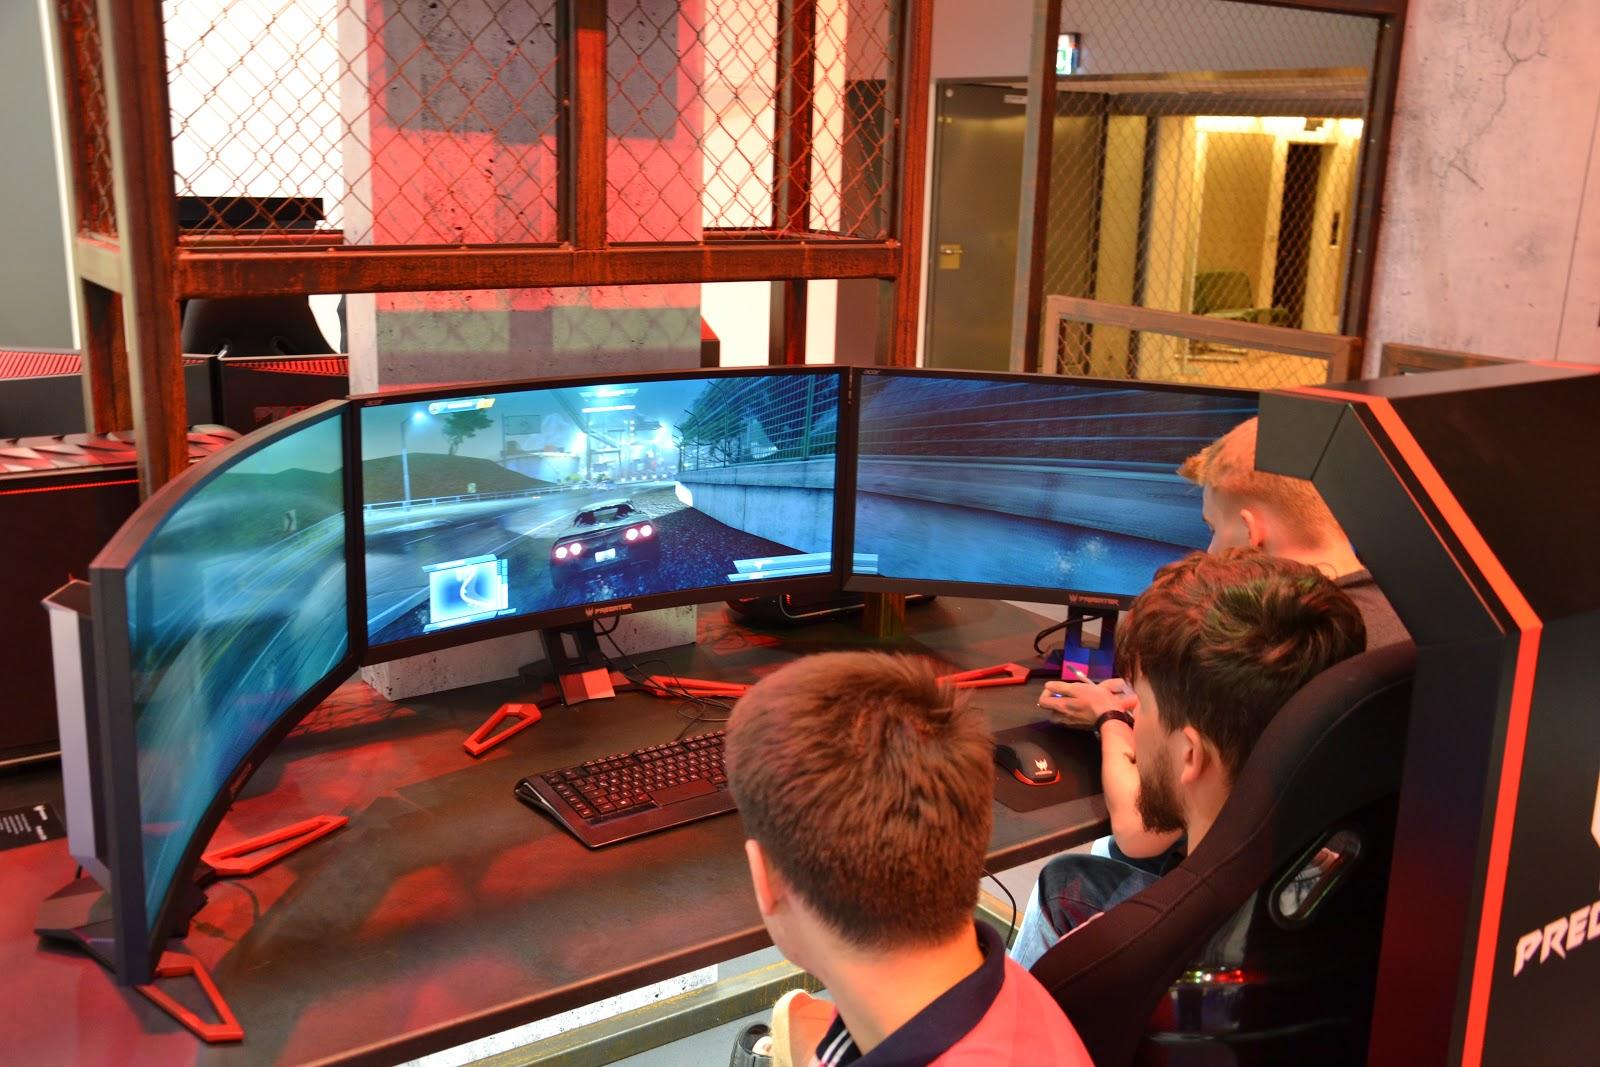 IFA 2015: Геймерская линейка Predator, компьютер-конструктор и другие новинки выставки от Acer - 7